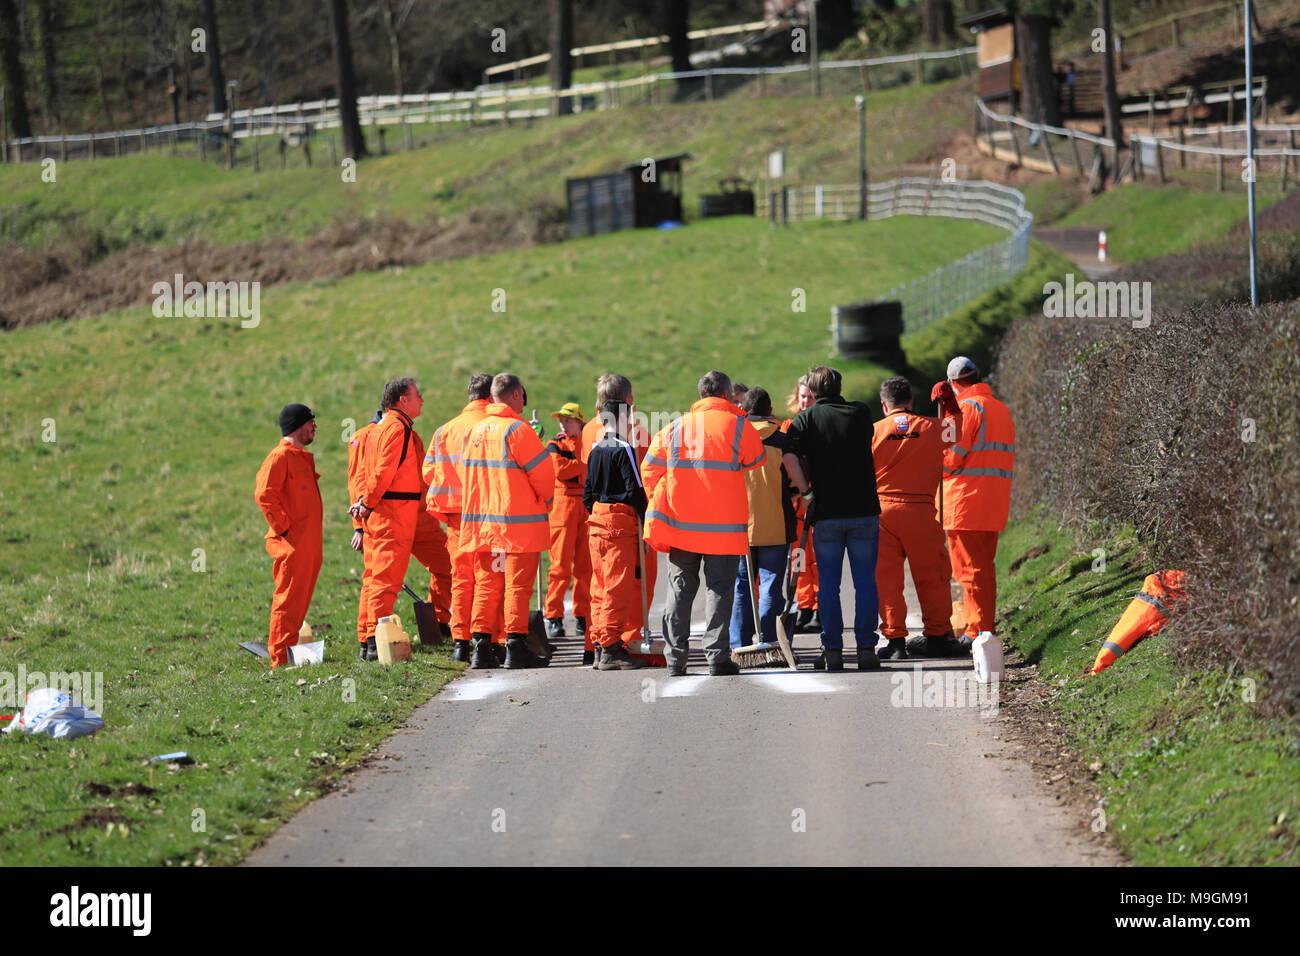 Motor Sport marshals étant formé pour traiter les déversements de liquide. Photo Stock